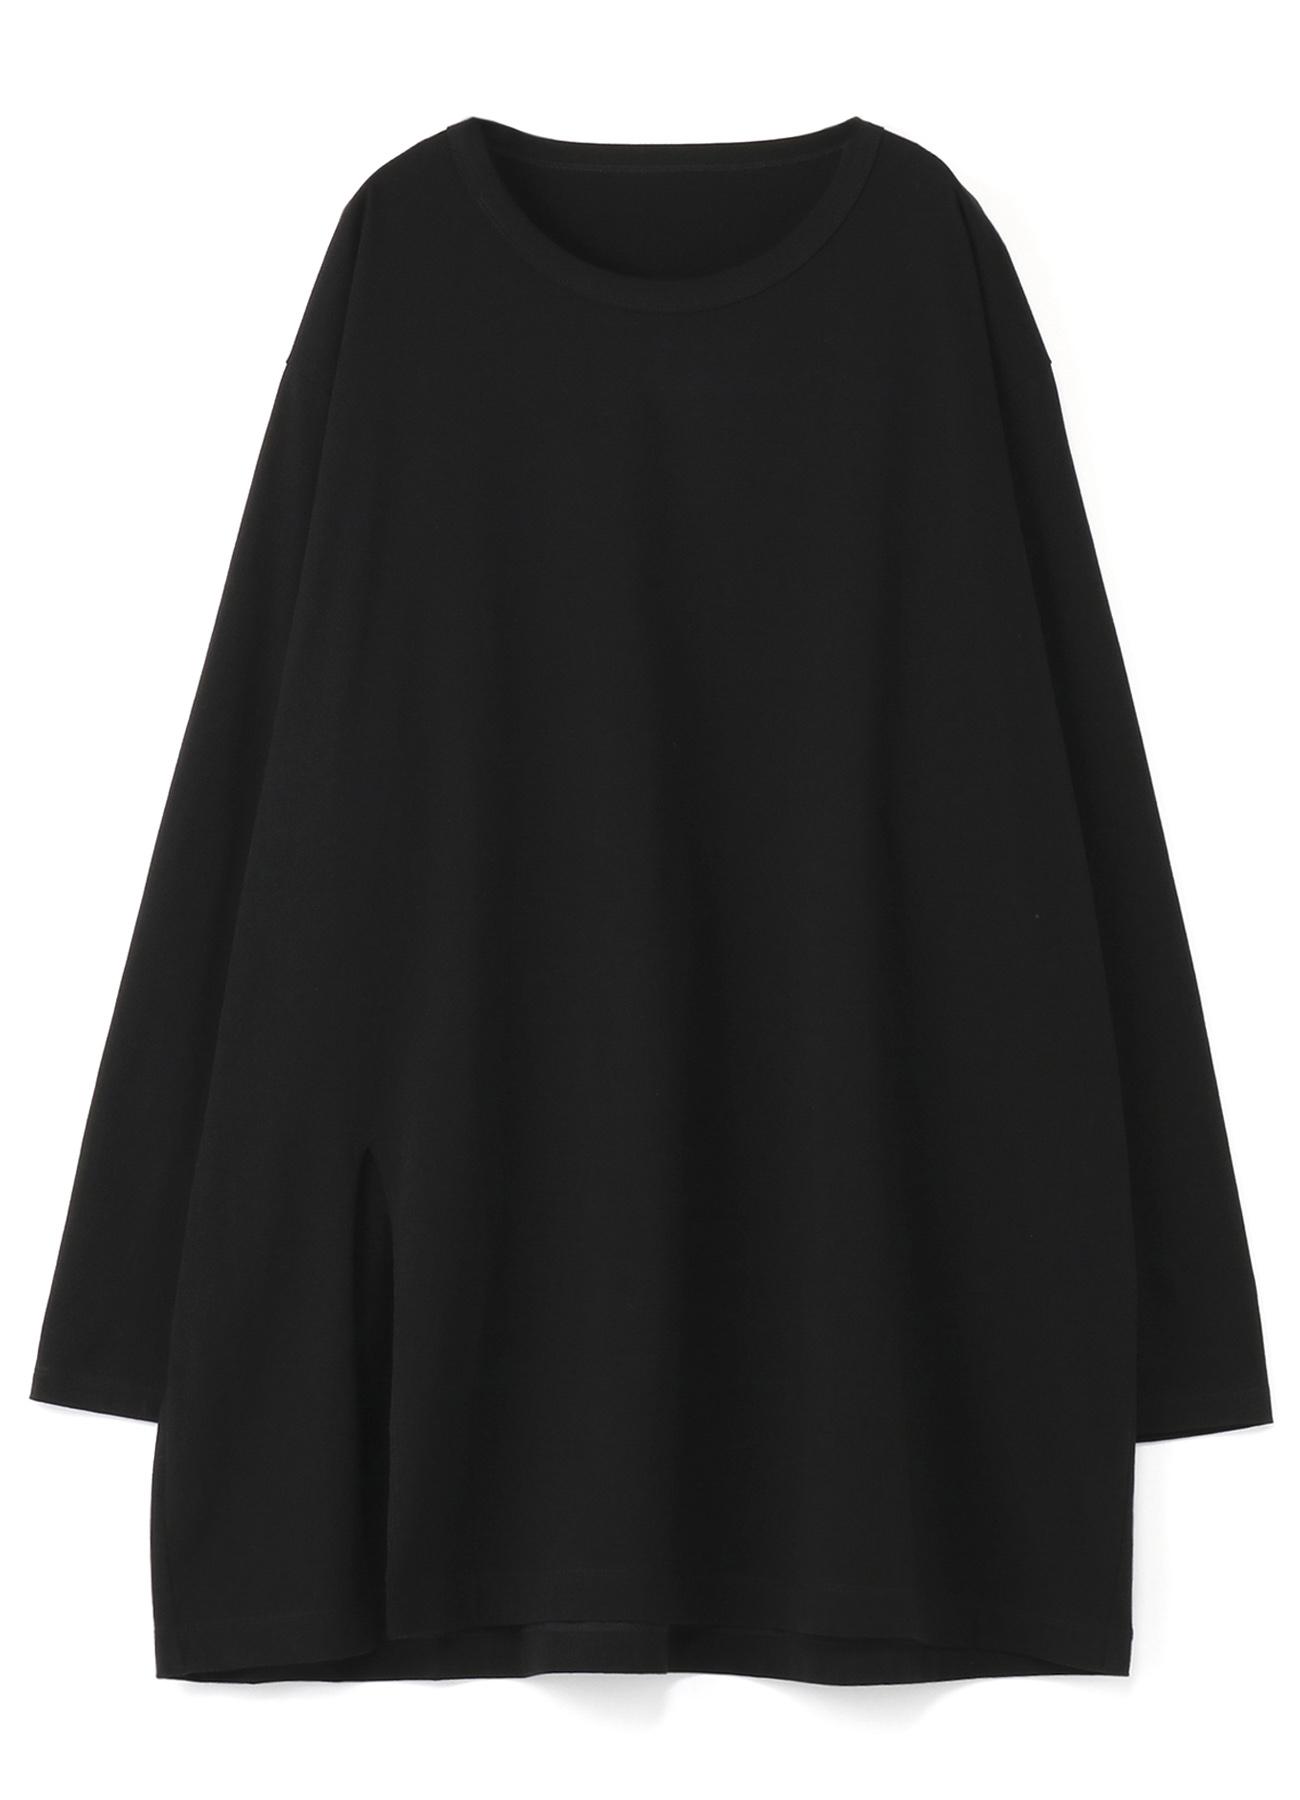 30 /棉质球衣超长袖T